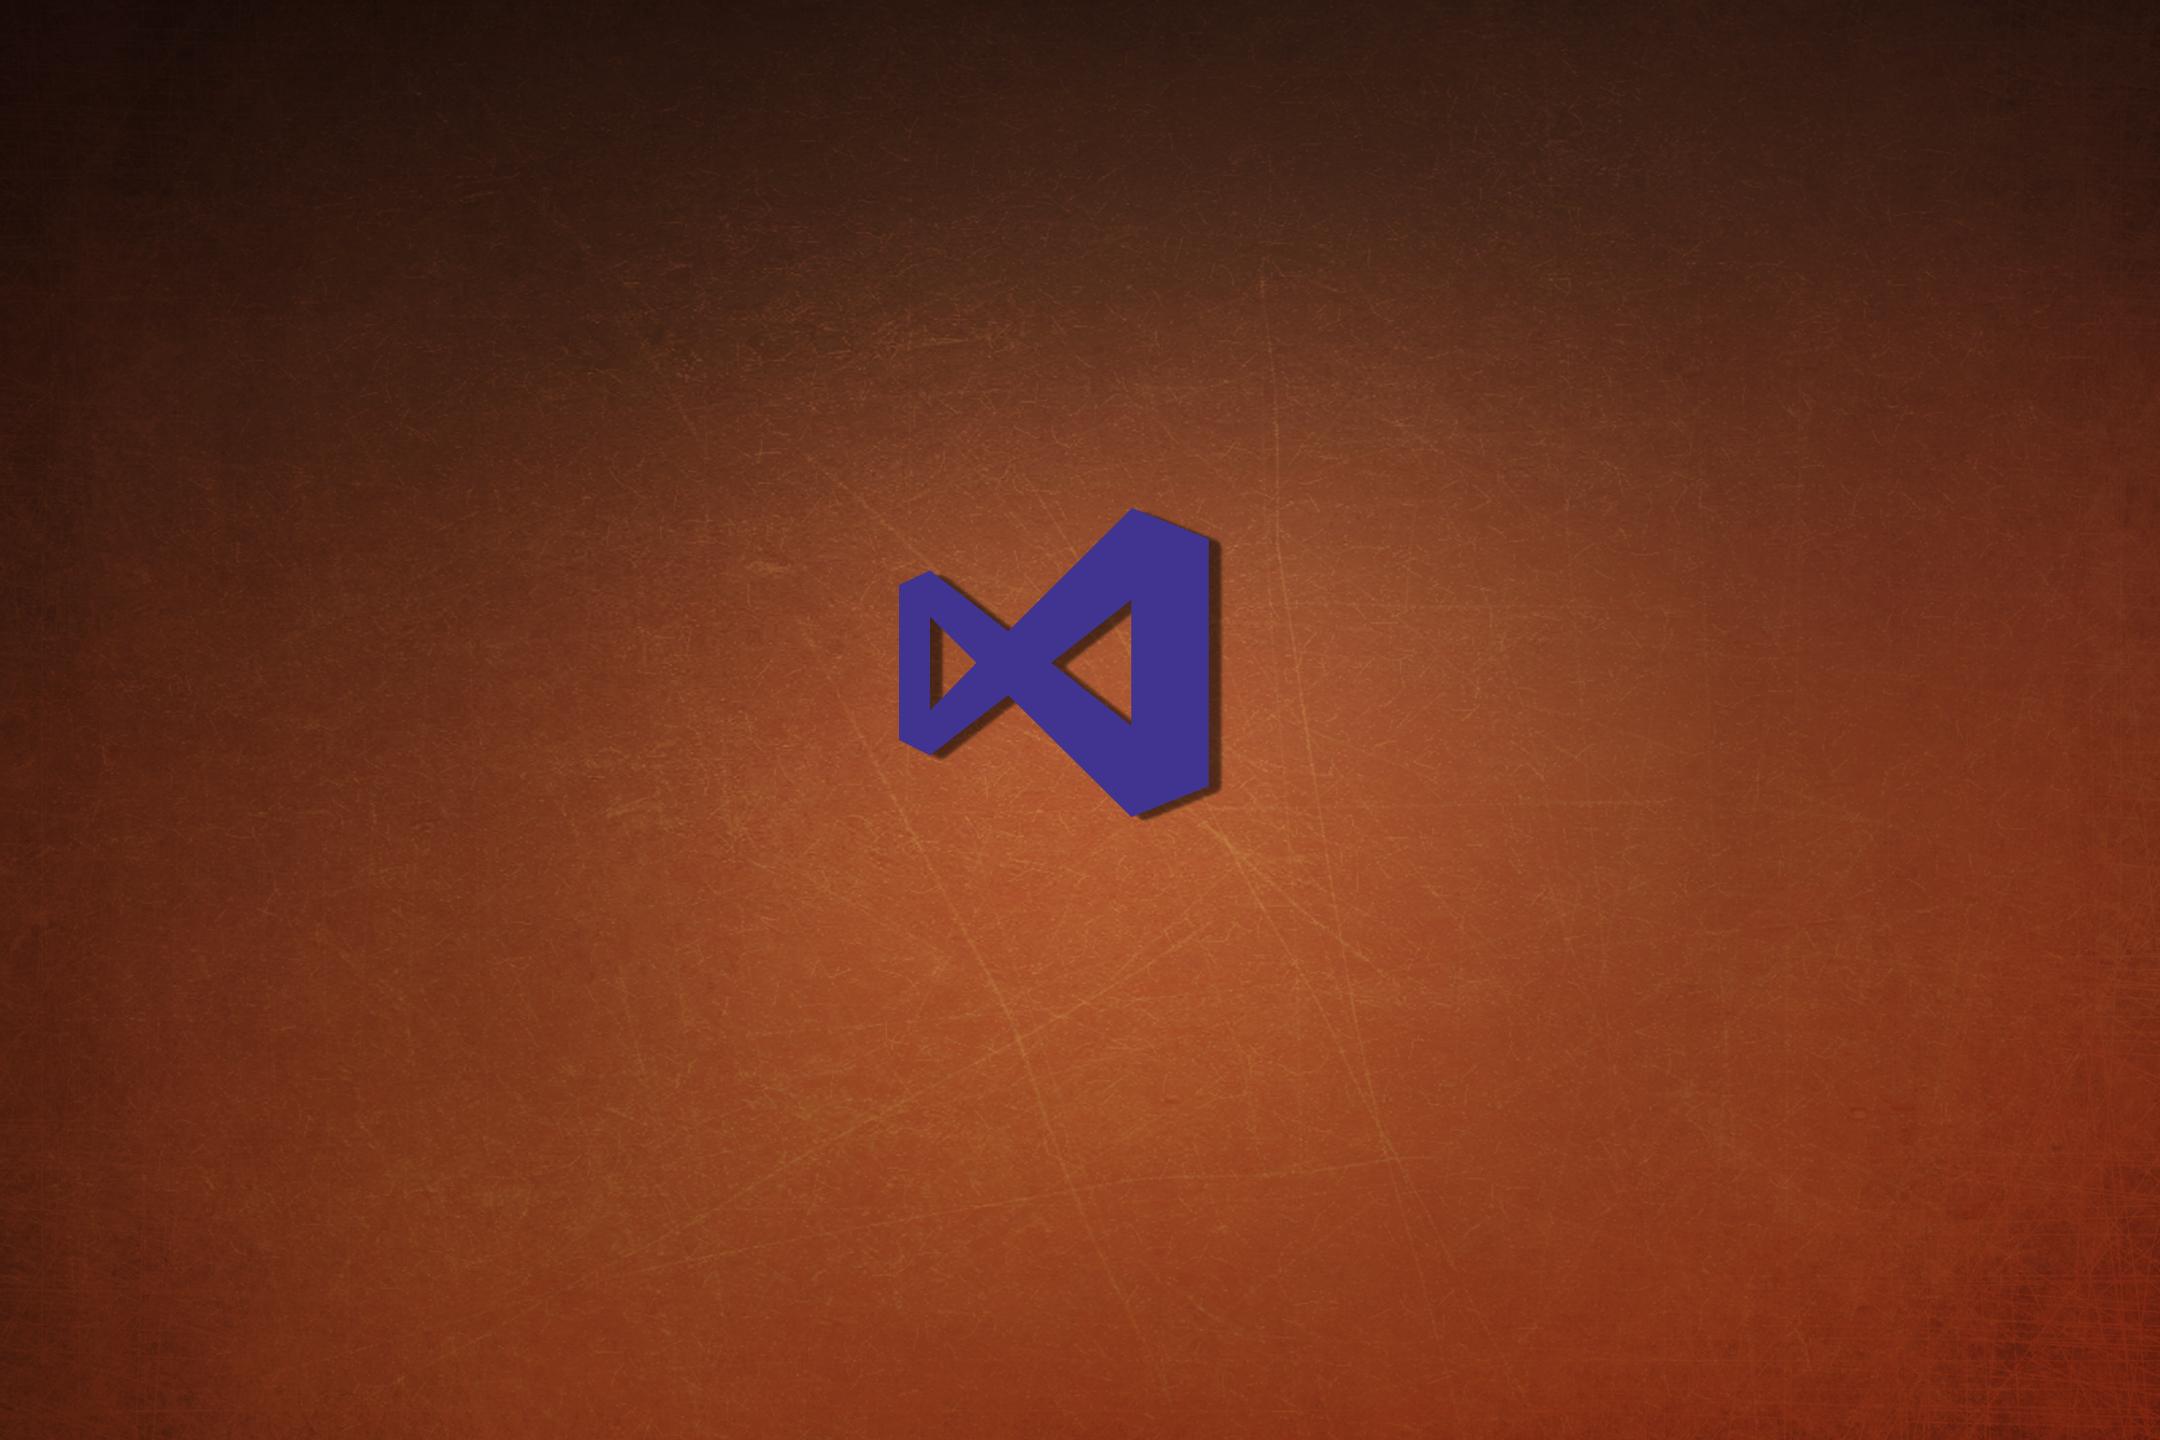 Visual Studio Wallpaper 1   Wm Barrett Simms 2160x1440